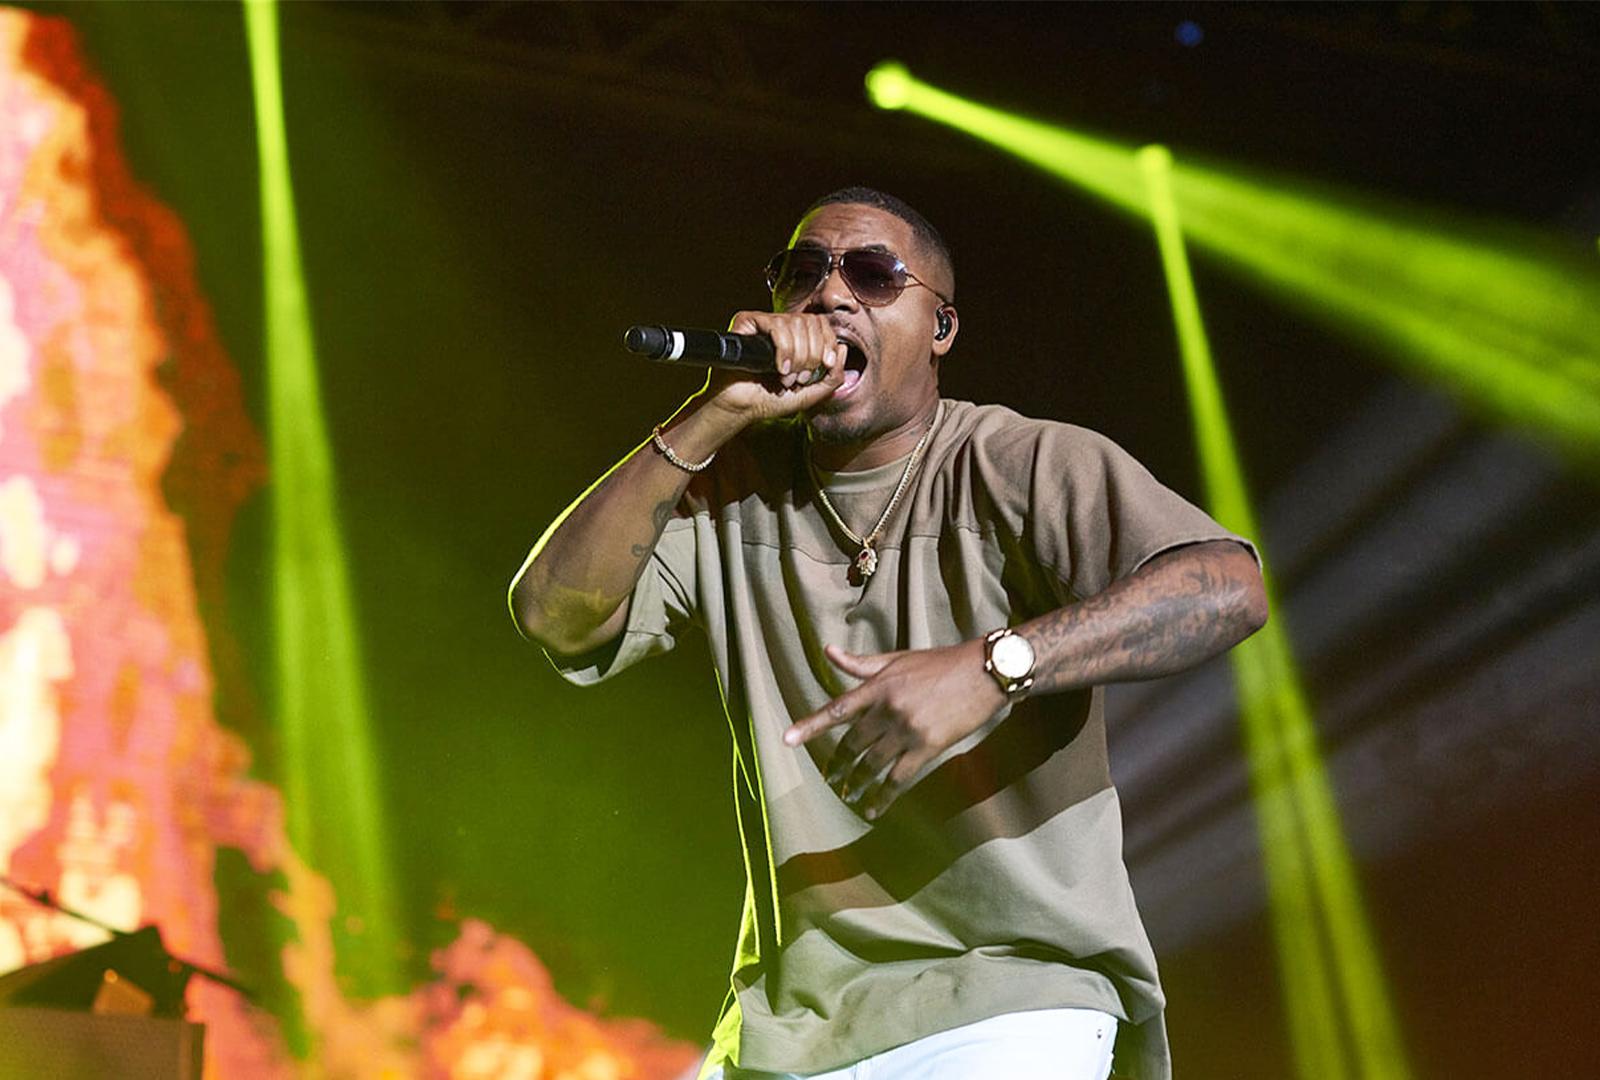 Nas releasing new album, King's Disease II